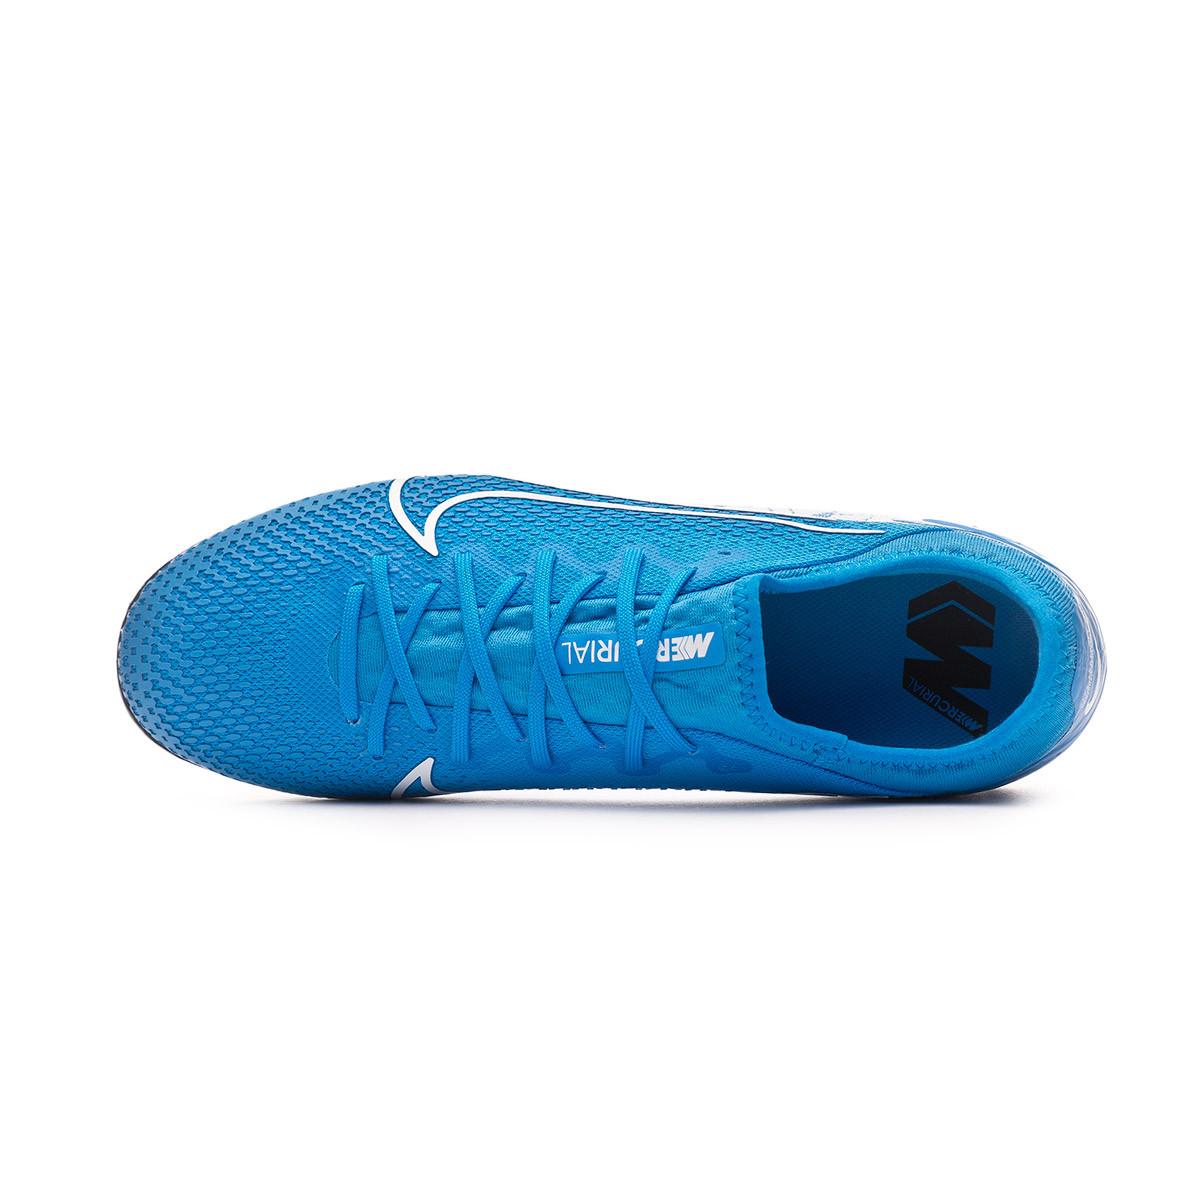 Chaussure de foot Nike Mercurial Vapor XIII Pro Turf